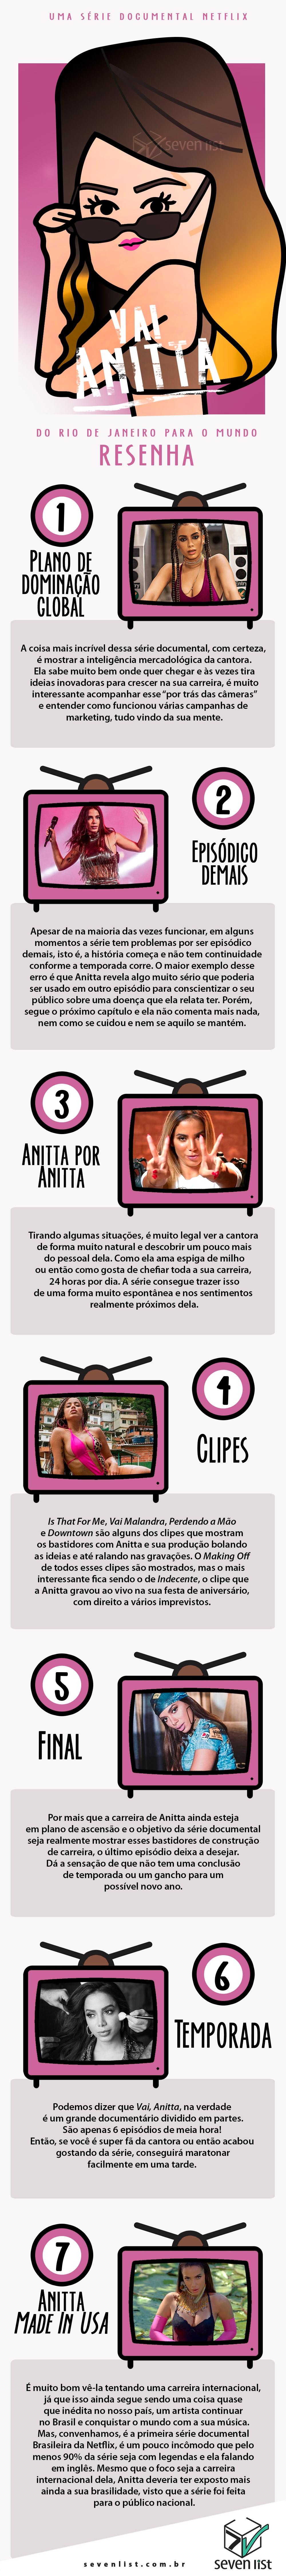 VAI ANITTA - NETFLIX - RESENHA - SEVEN LIST